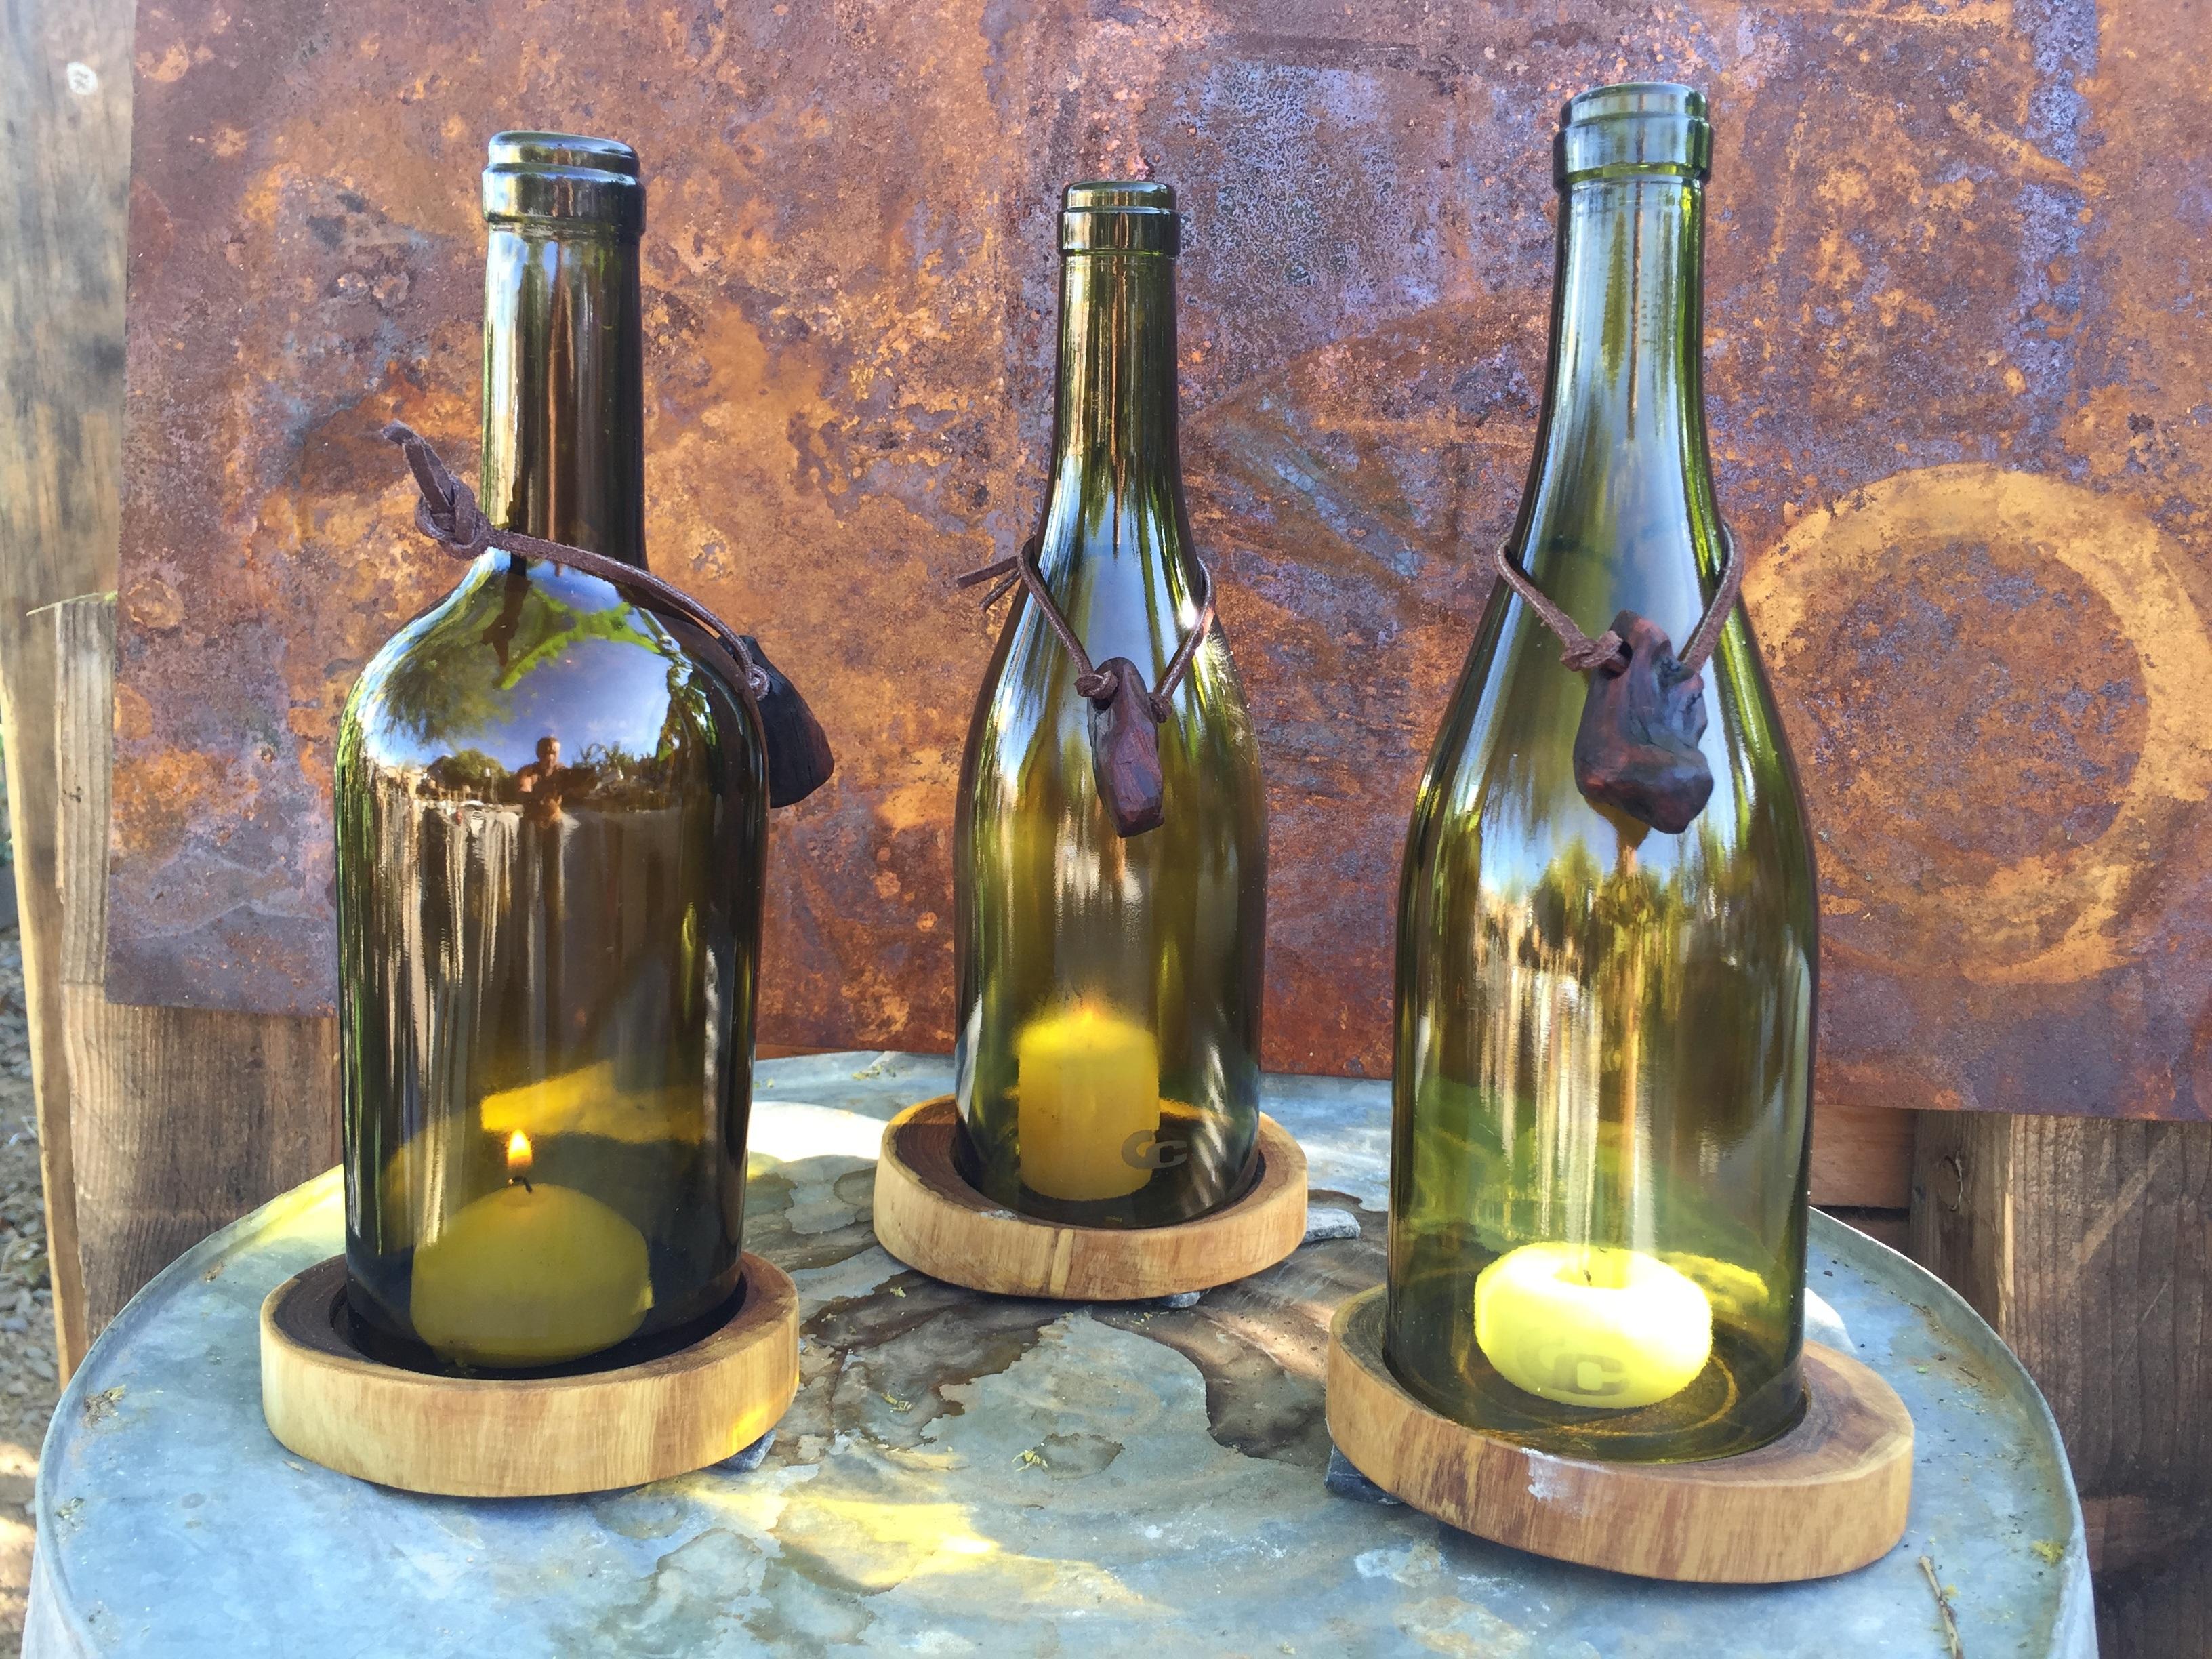 Fotoğraf Bardak Içki Mum Dekor Natürmort Boyama şarap şişesi